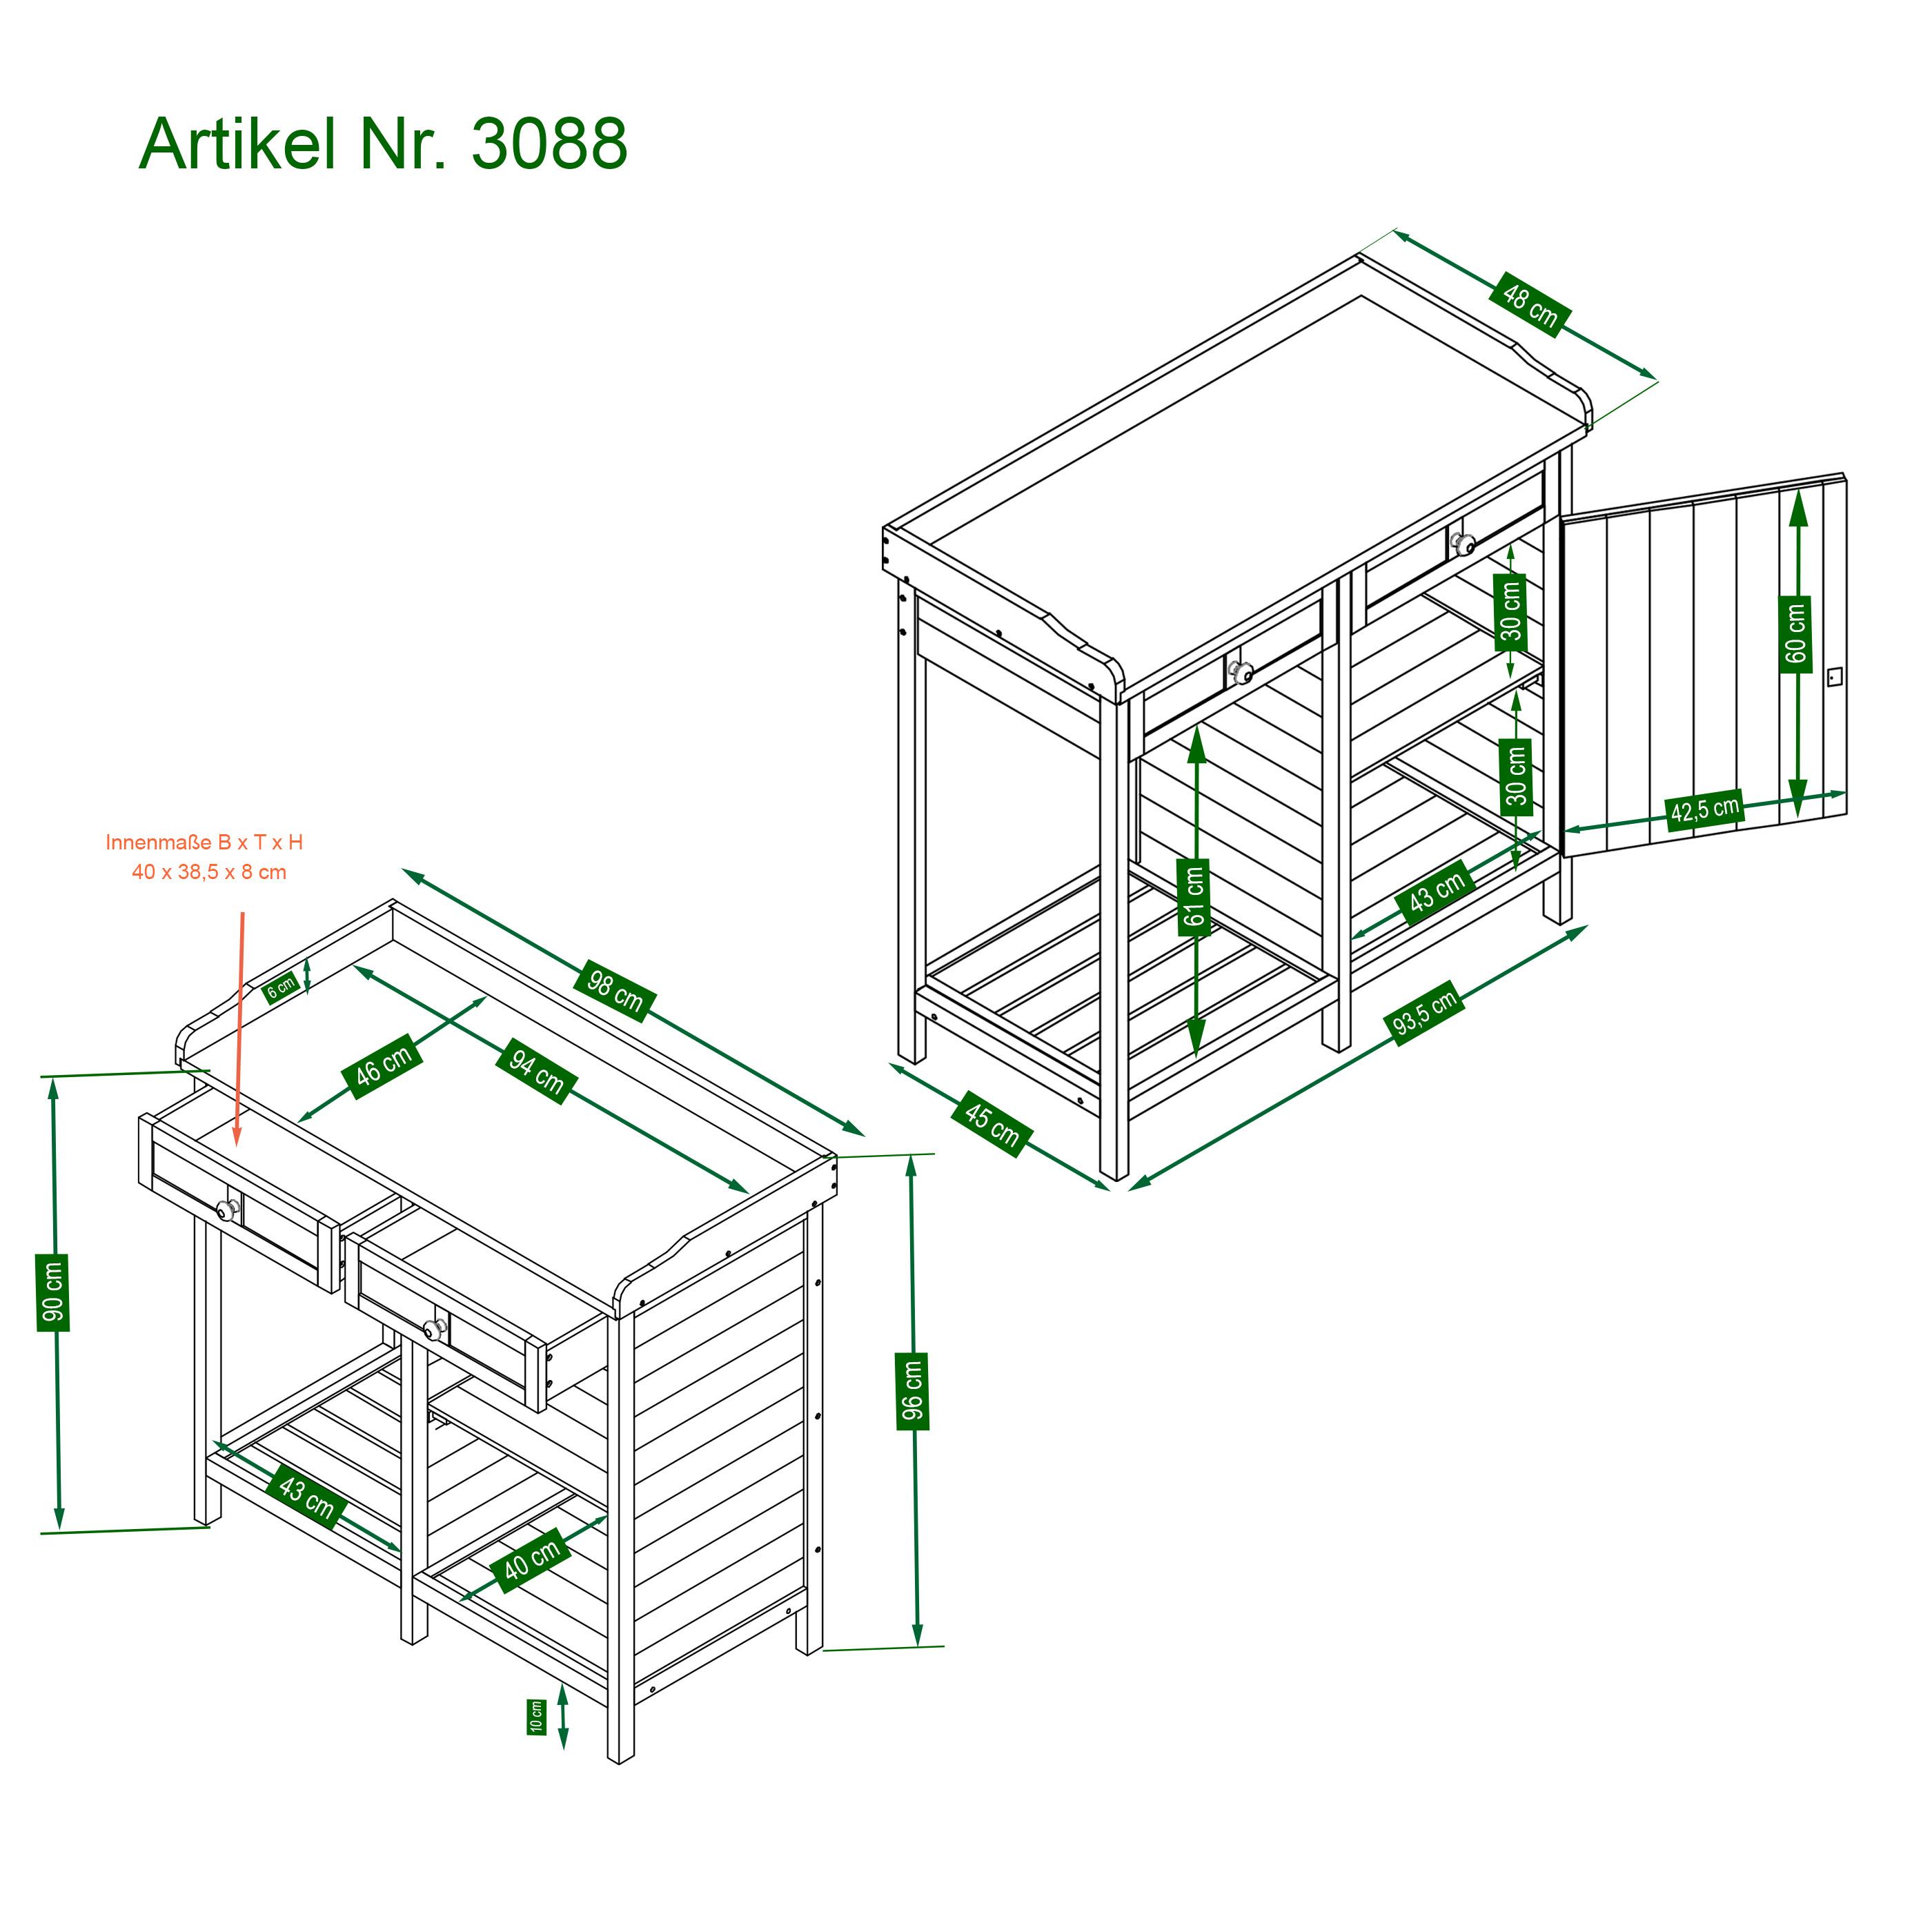 HABAU Pflanztisch mit Unterschrank - Skizze mit Maßen - 3088